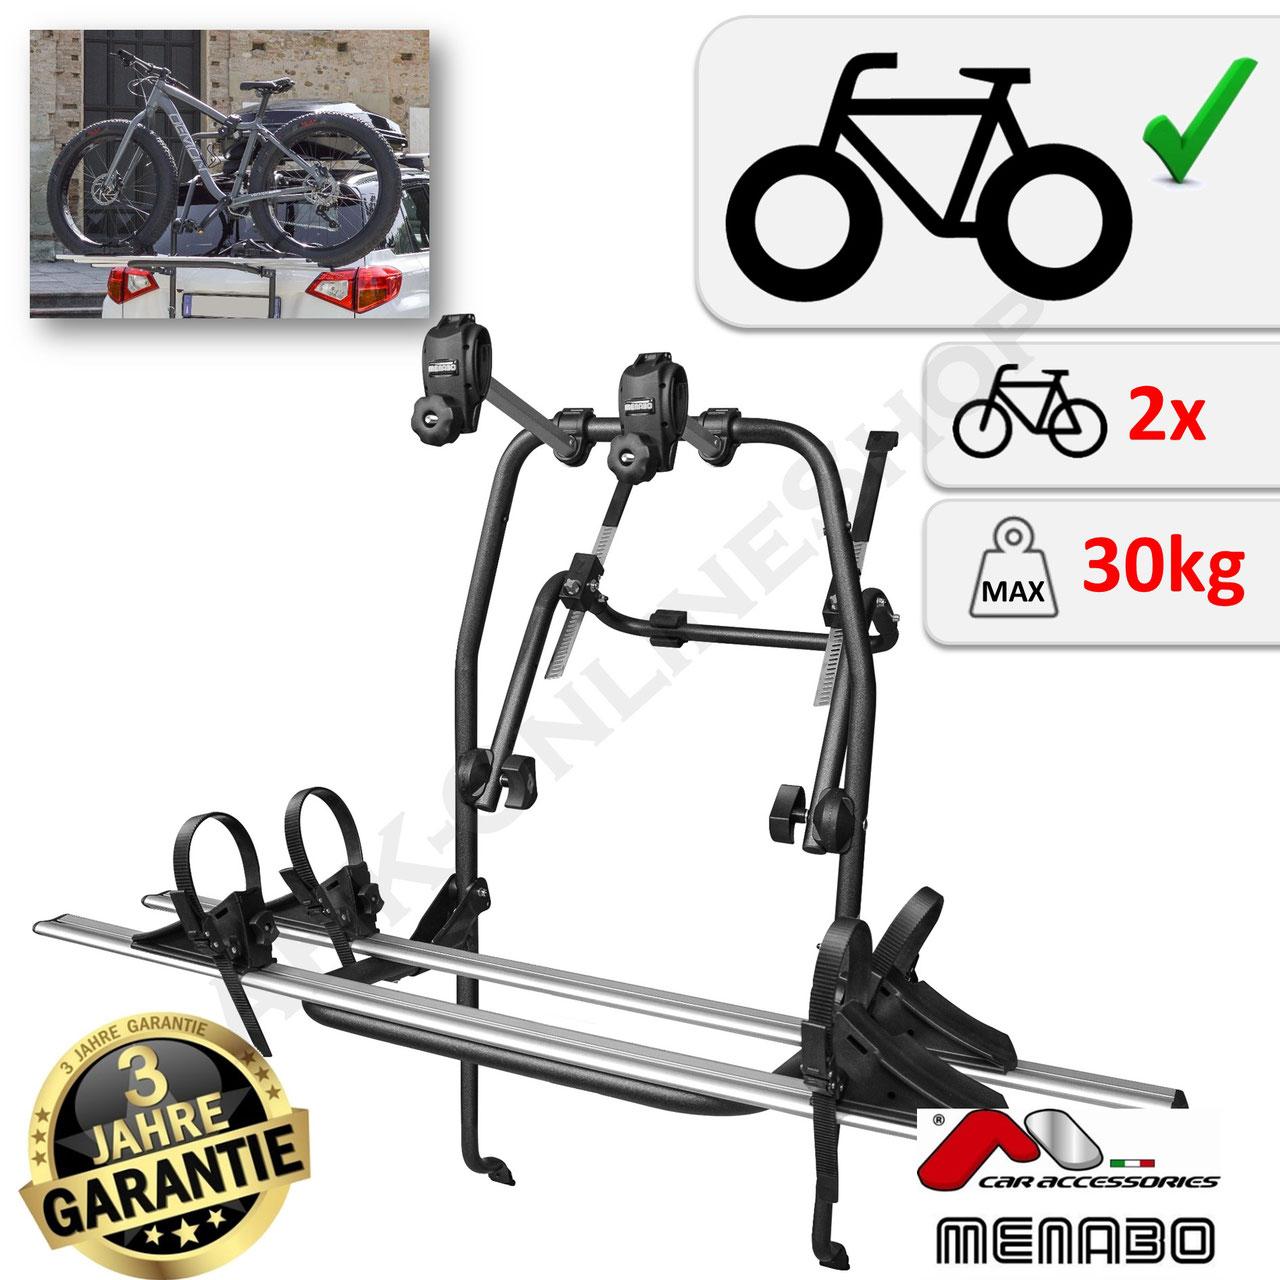 Menabo Fahrradträger Logic 2 für Opel Adam Fließheck 2 Fahrräder NEU